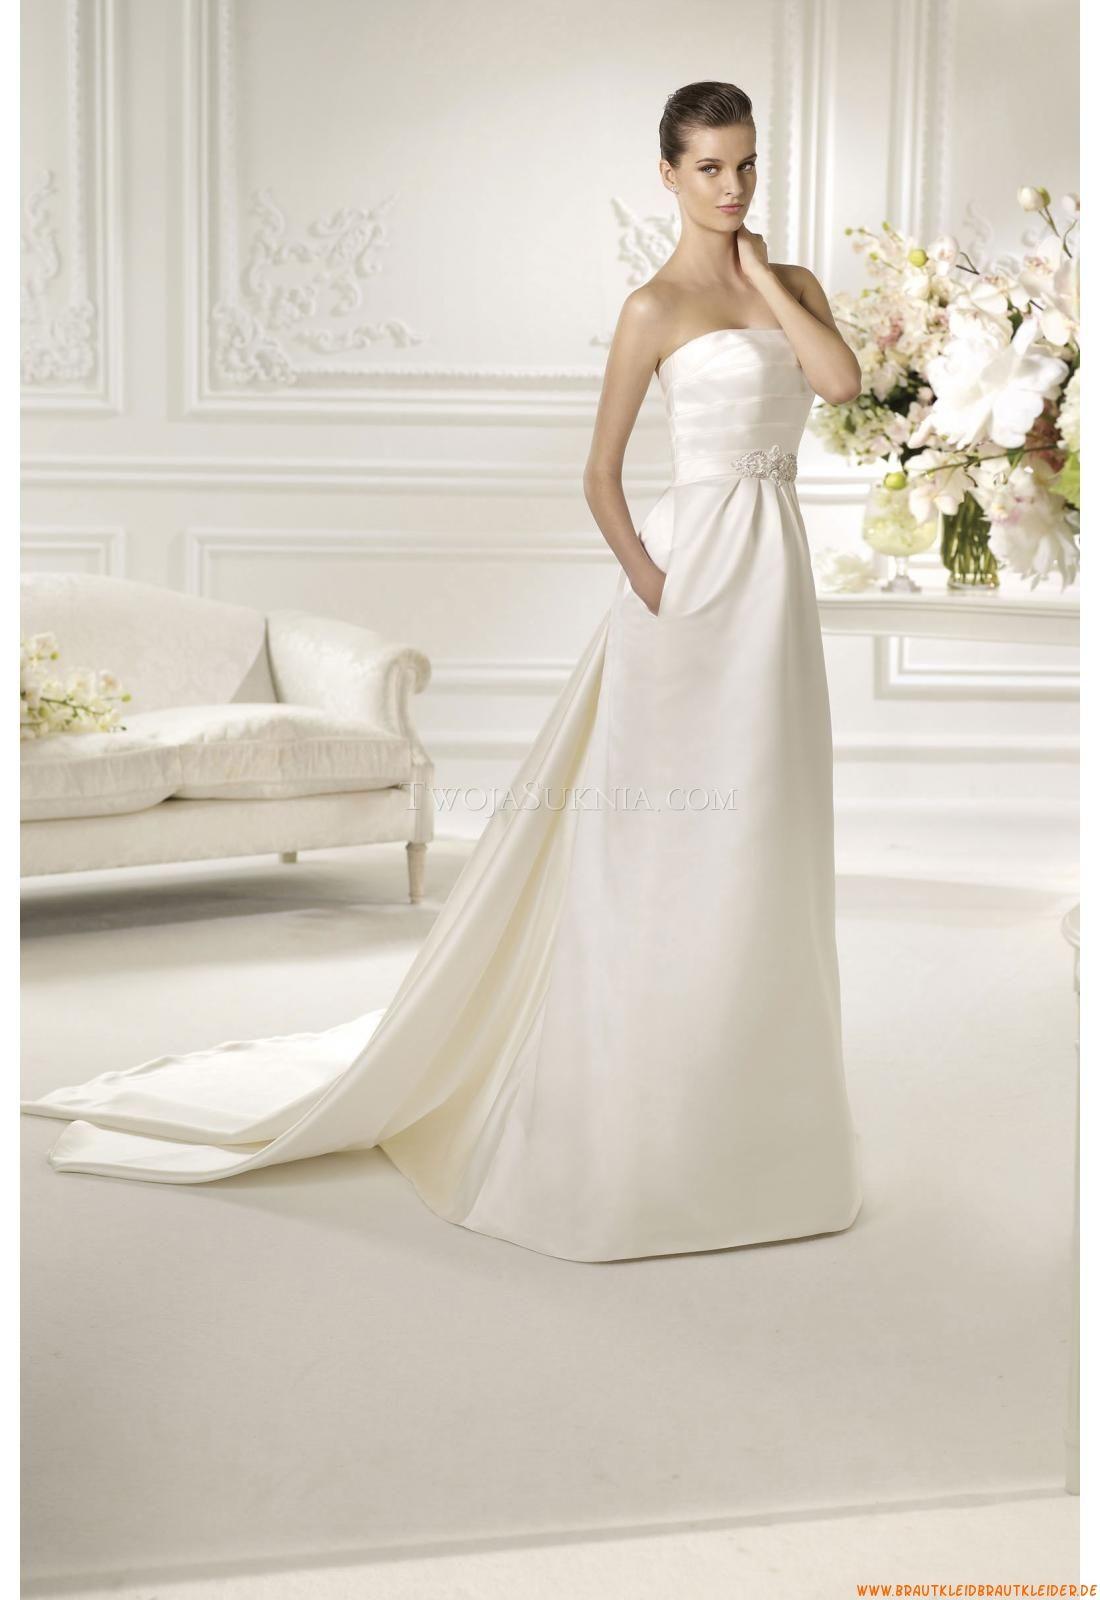 Empire Schlicht Elegante Brautkleider 2014 aus Taft | brautkleider ...